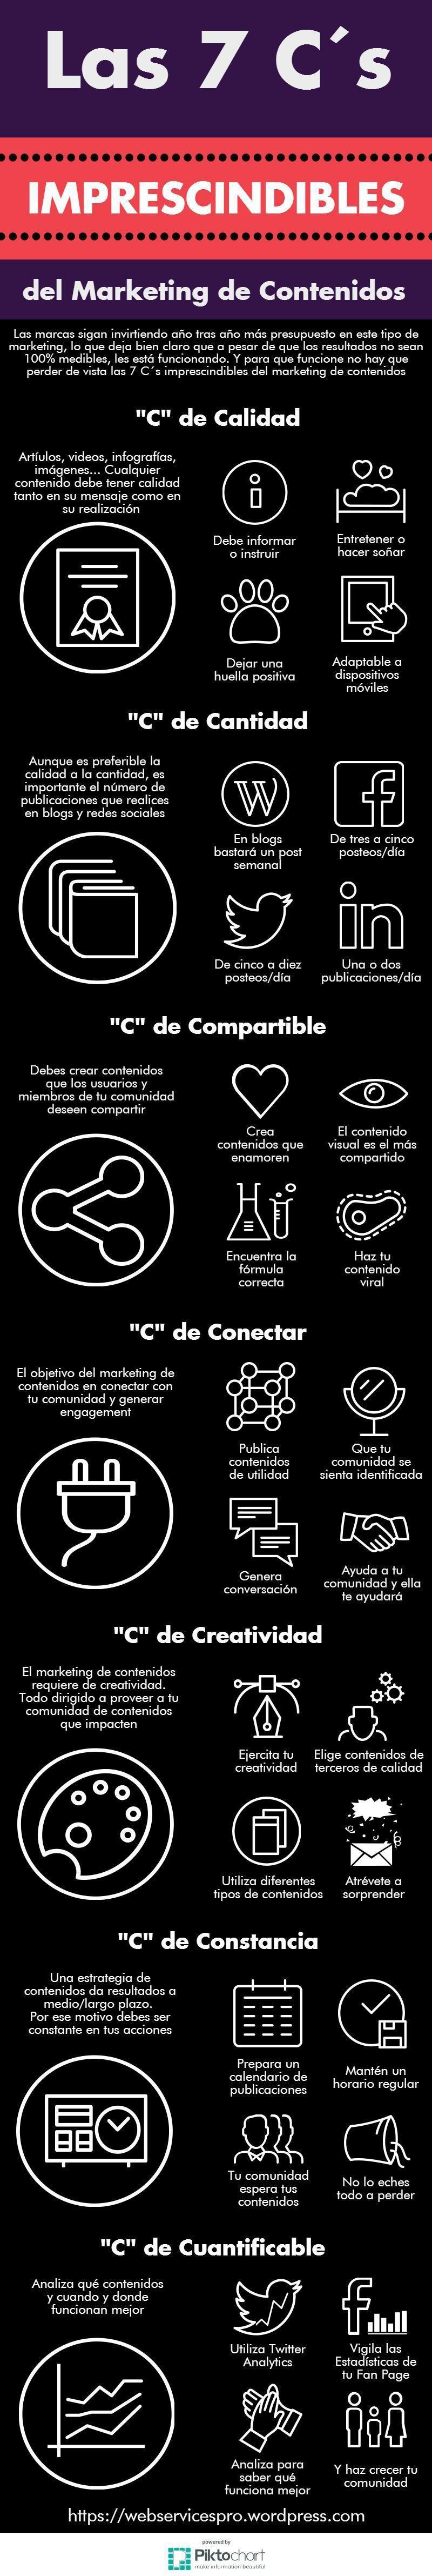 """Las 7 """"C"""" imprescindibles del Marketing de Contenidos #infografia"""